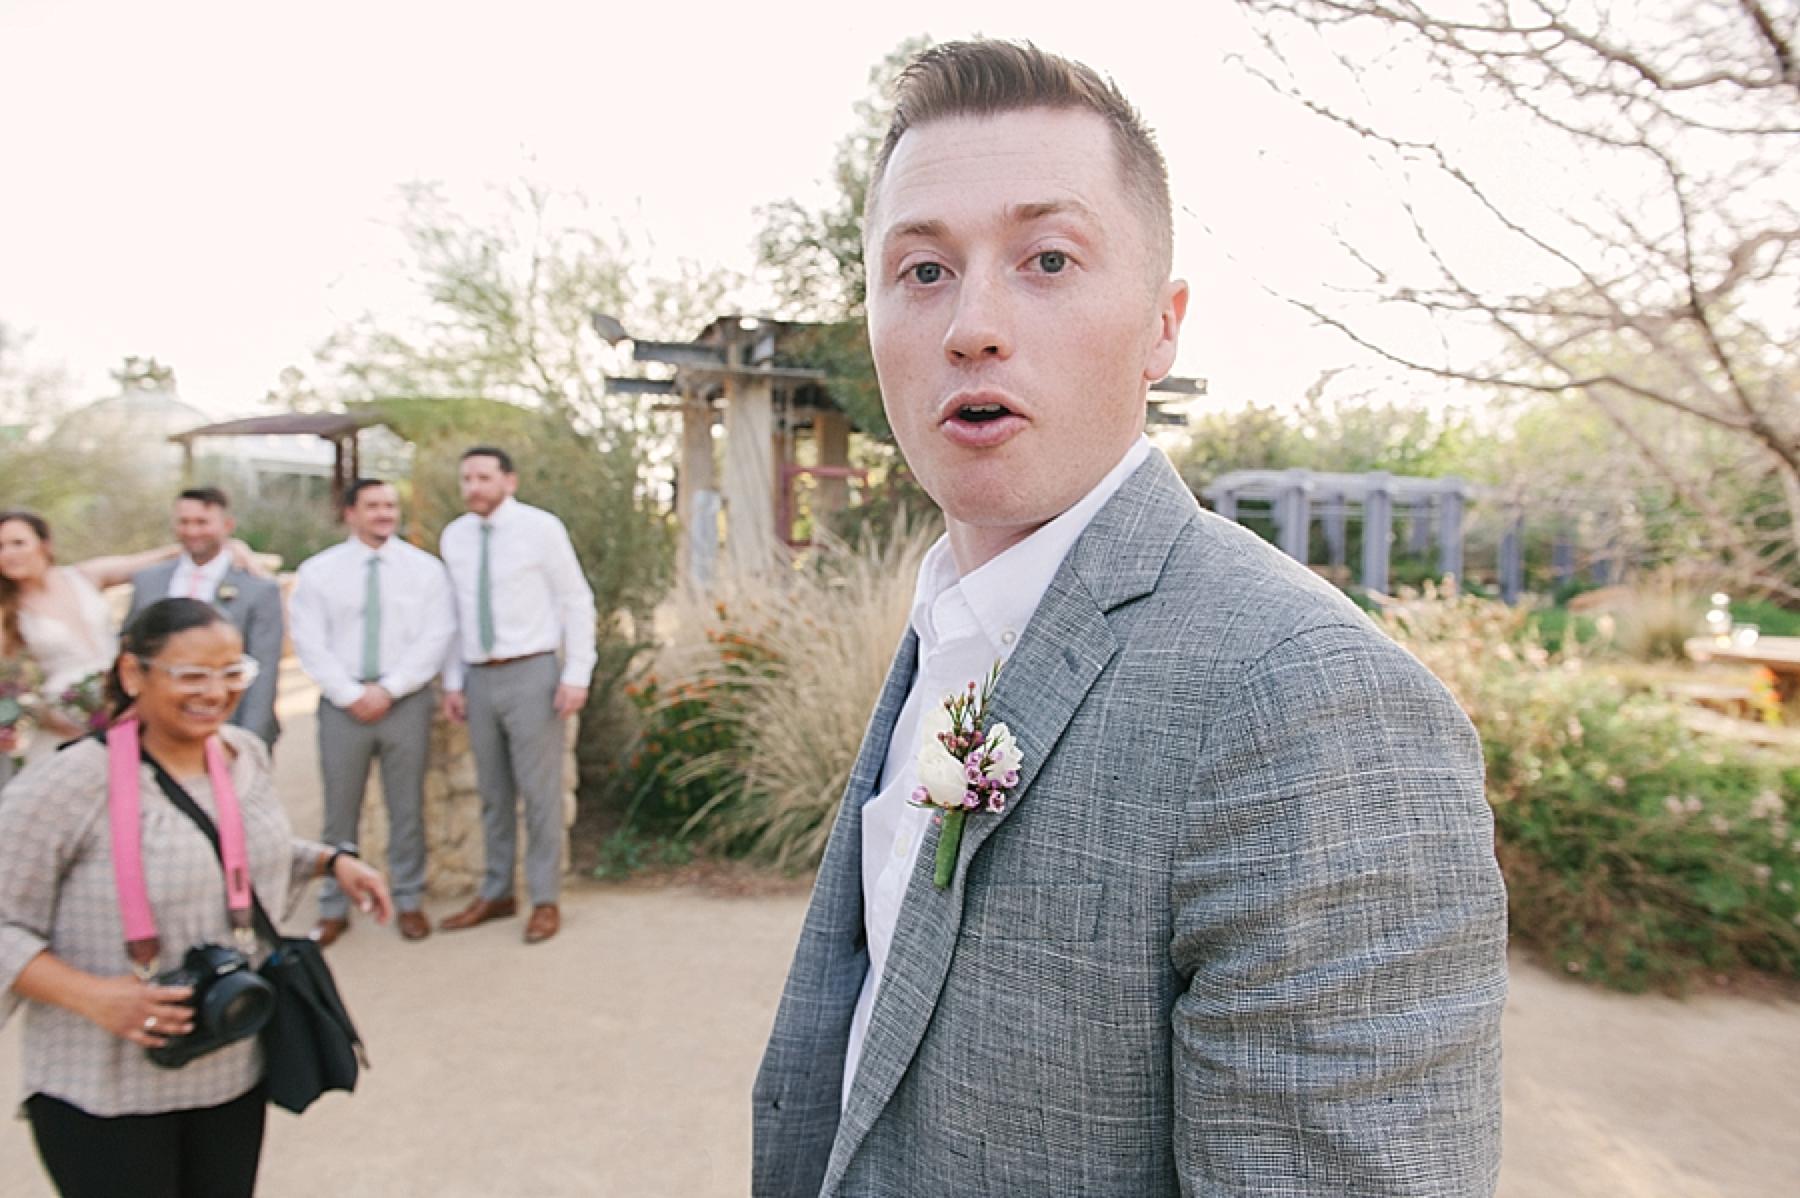 las_vegas_wedding_photographers_behind_the_scenes-11.jpg